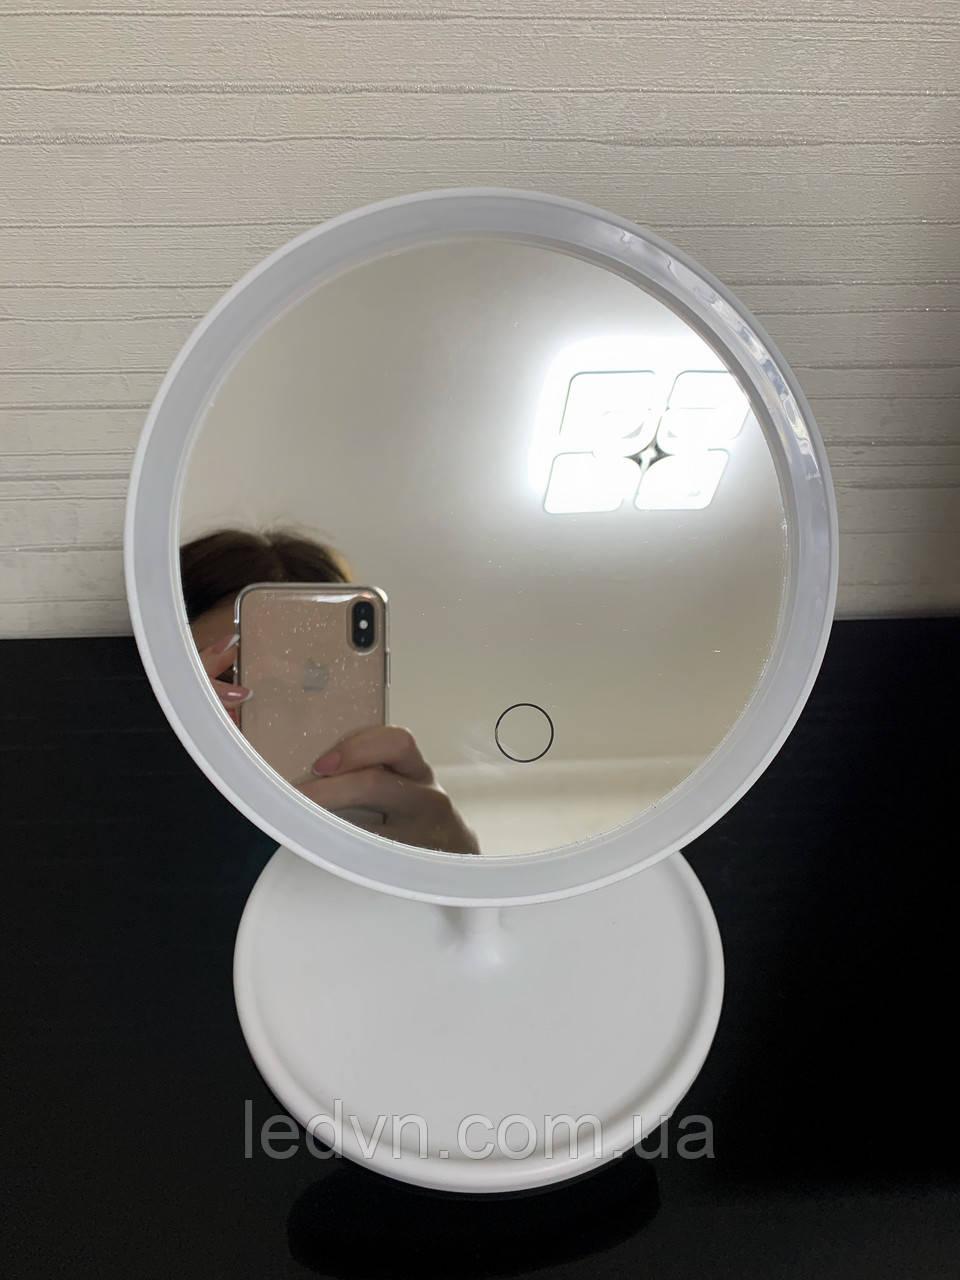 Настольное зеркало c LED подсветкой для макияжа круглое белое